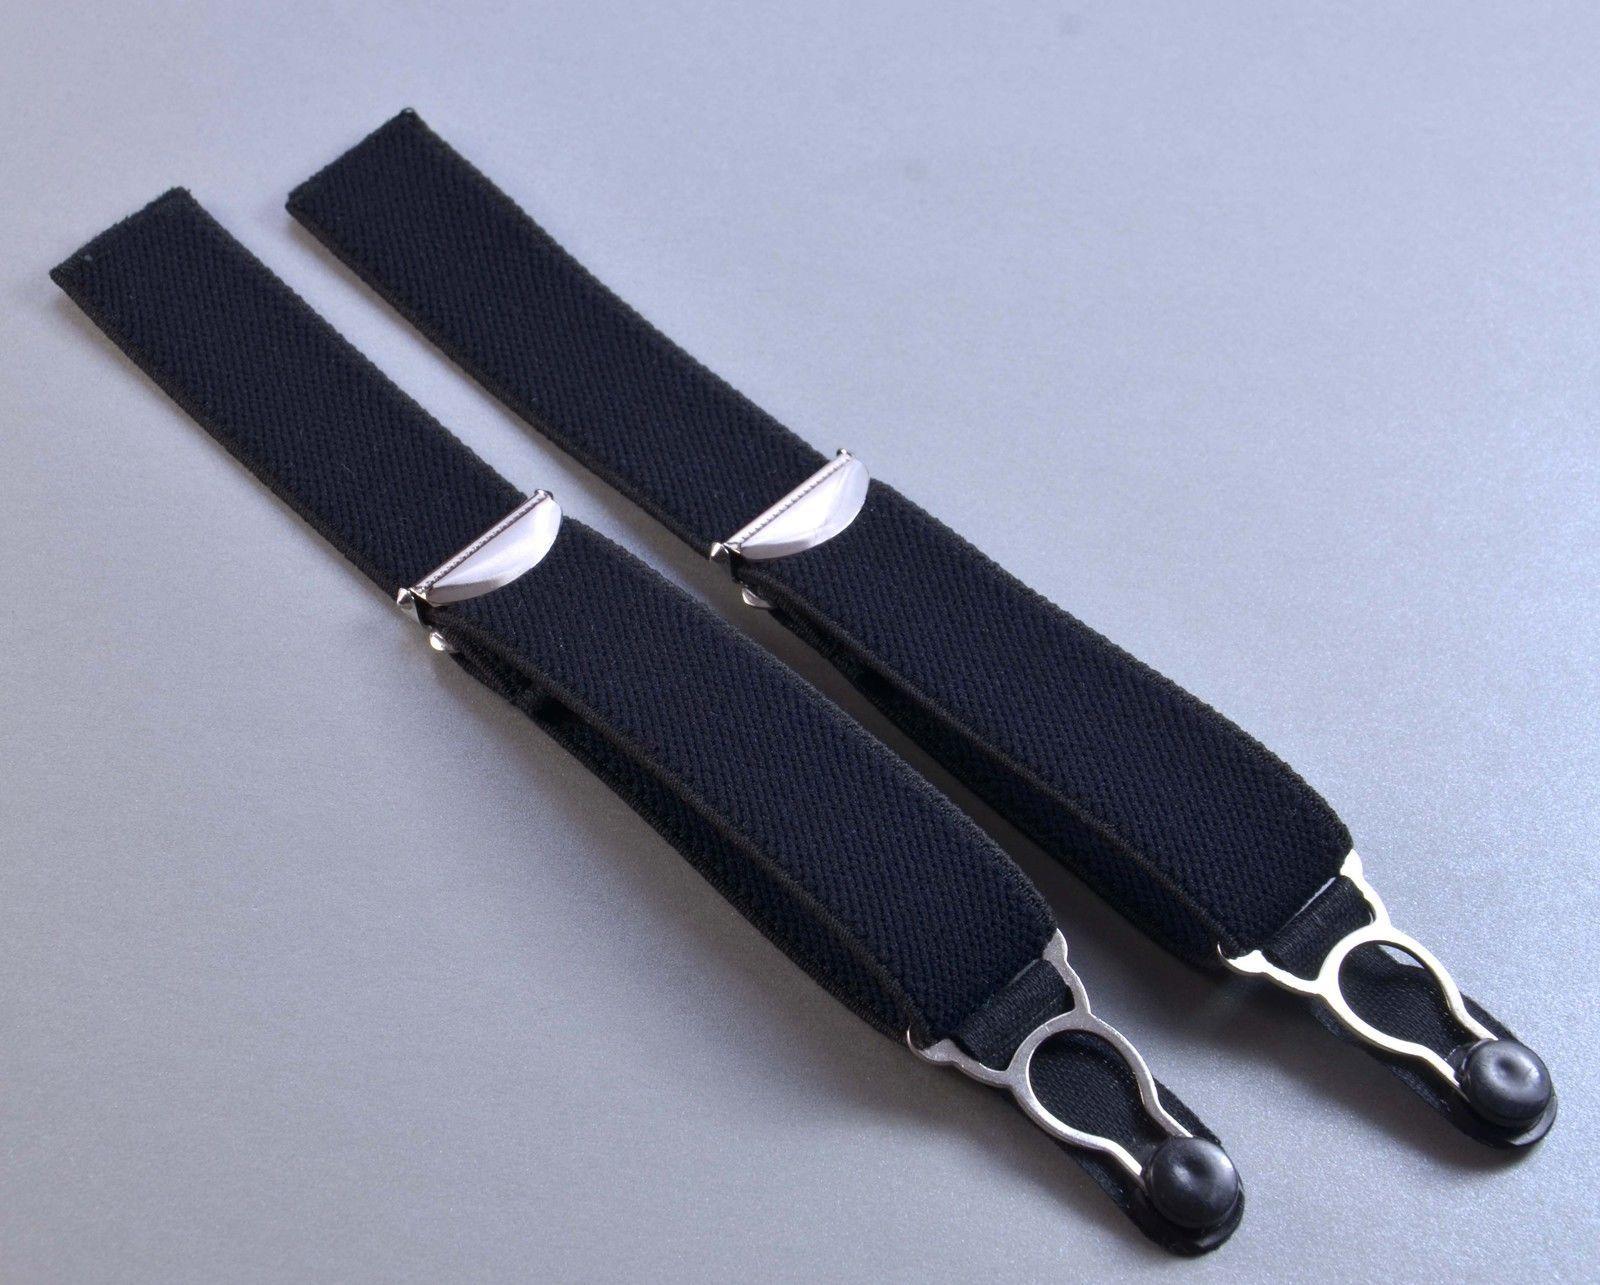 Strapsbänder mit Strumpfhalterclip zum Annähen in schwarz